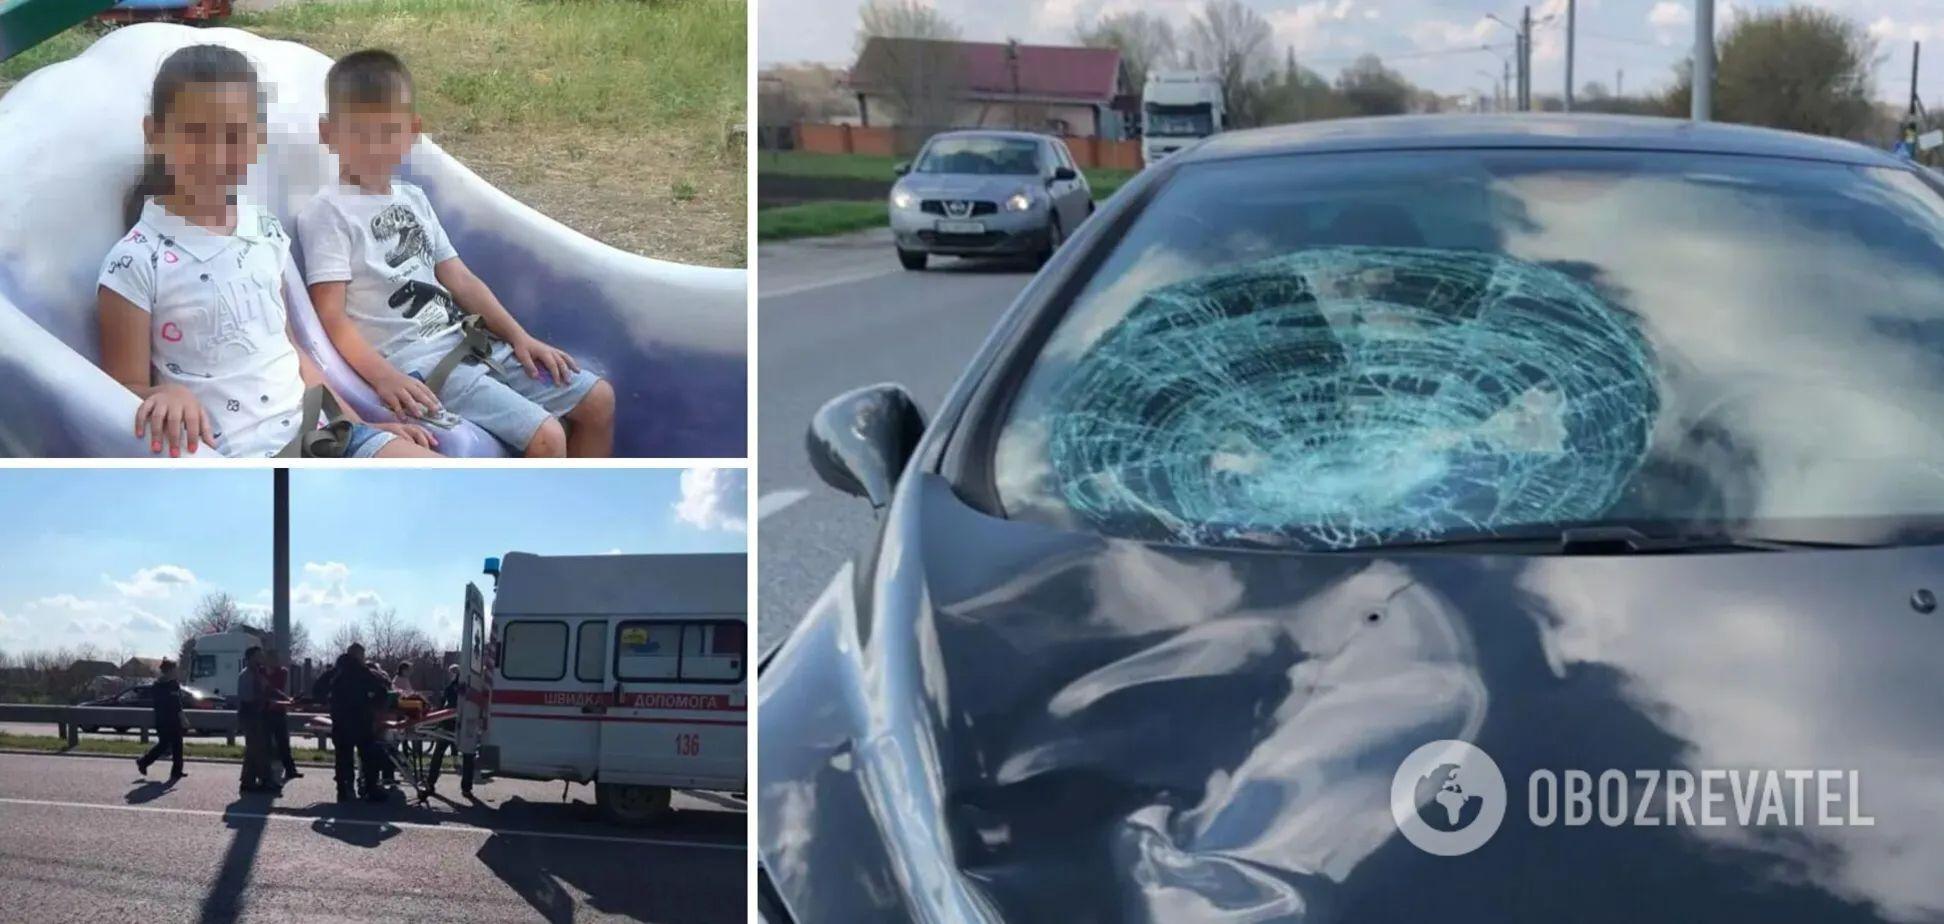 Под Днепром молодая девушка сбила детей на 'зебре': подробности жуткого ДТП